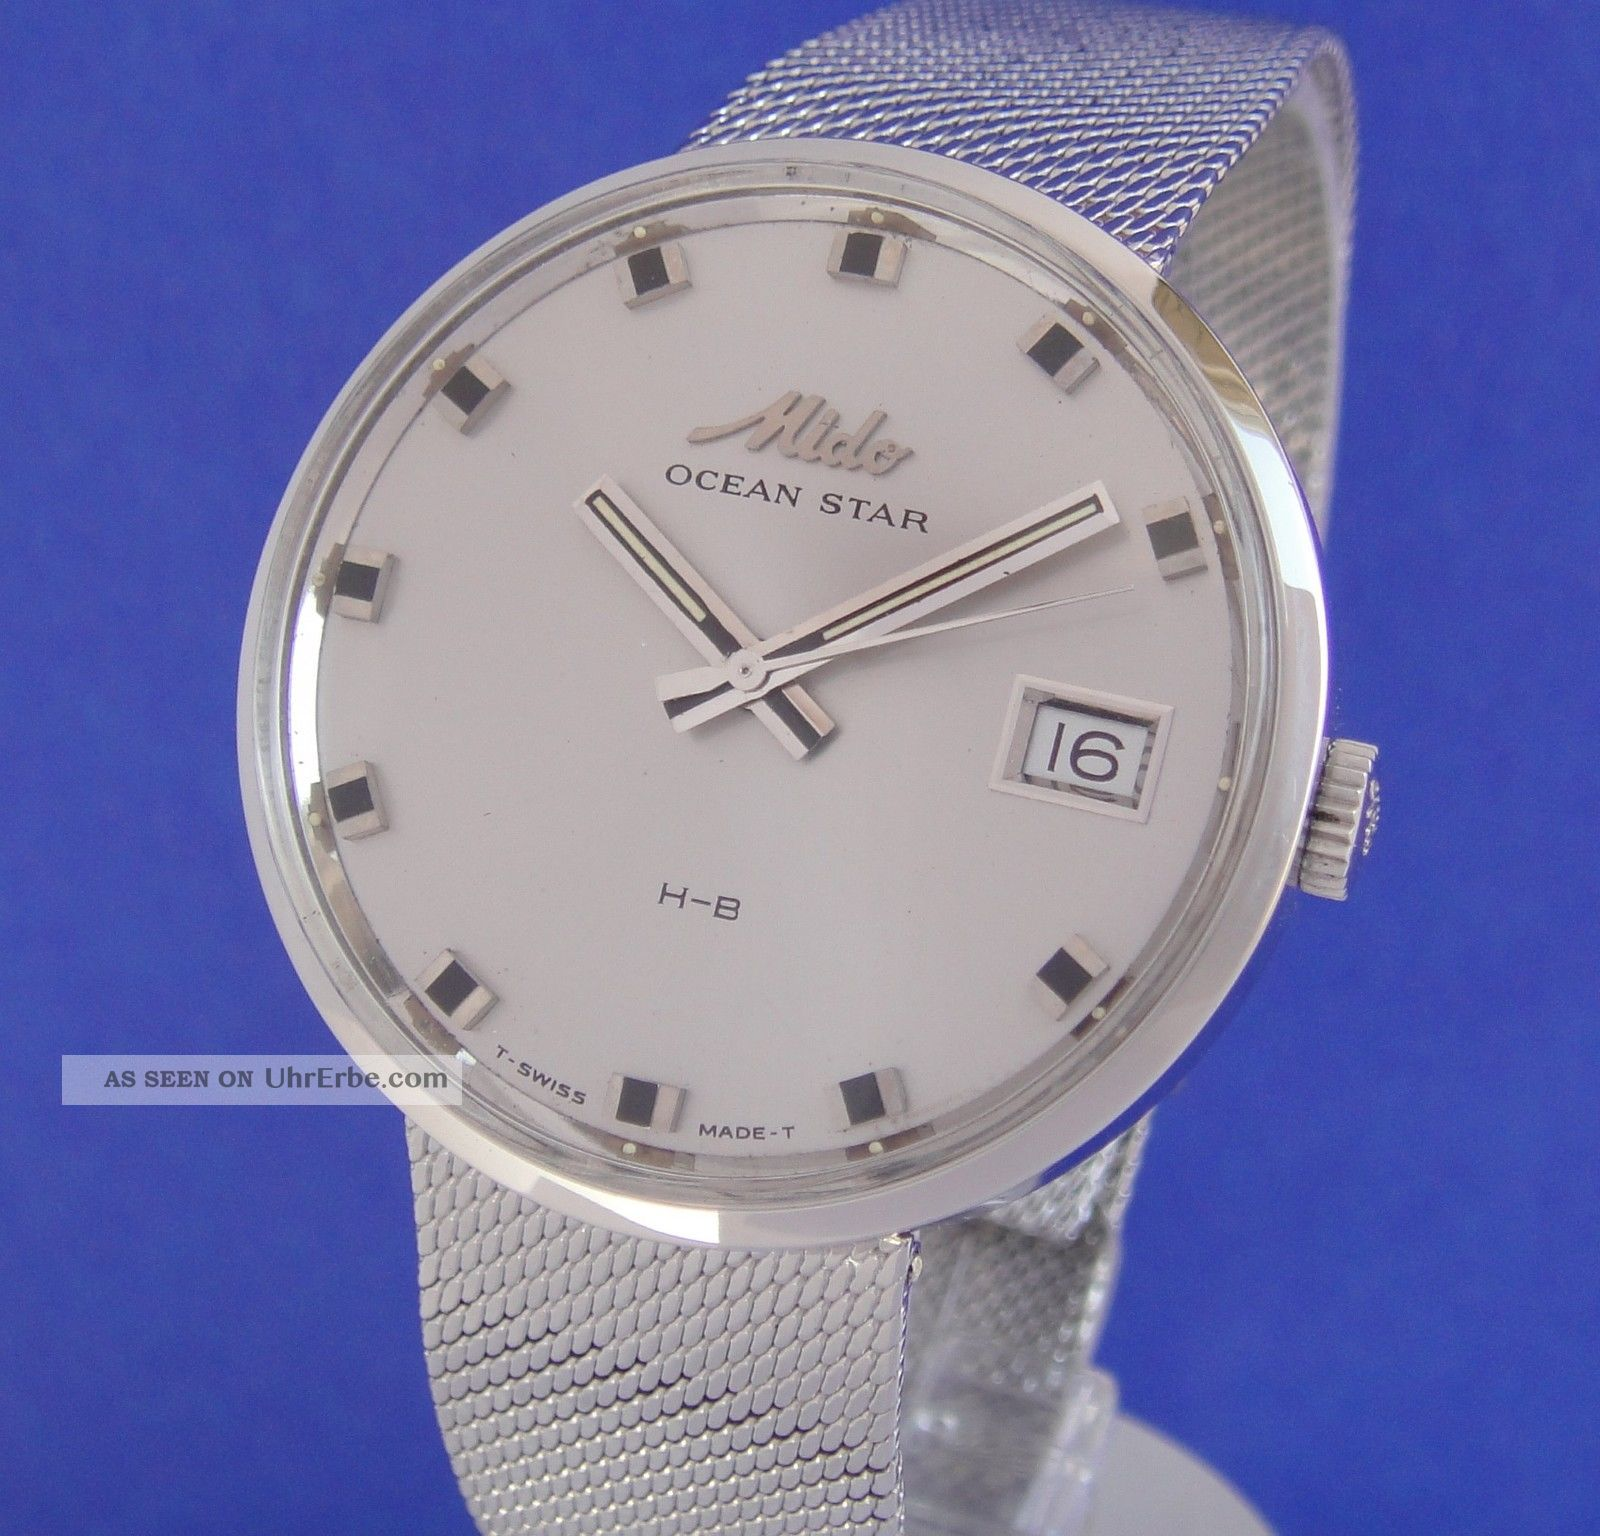 Tolle Mido Ocean Star Automatik Herren Au Stahl/milanese 70er Jahre Top Armbanduhren Bild